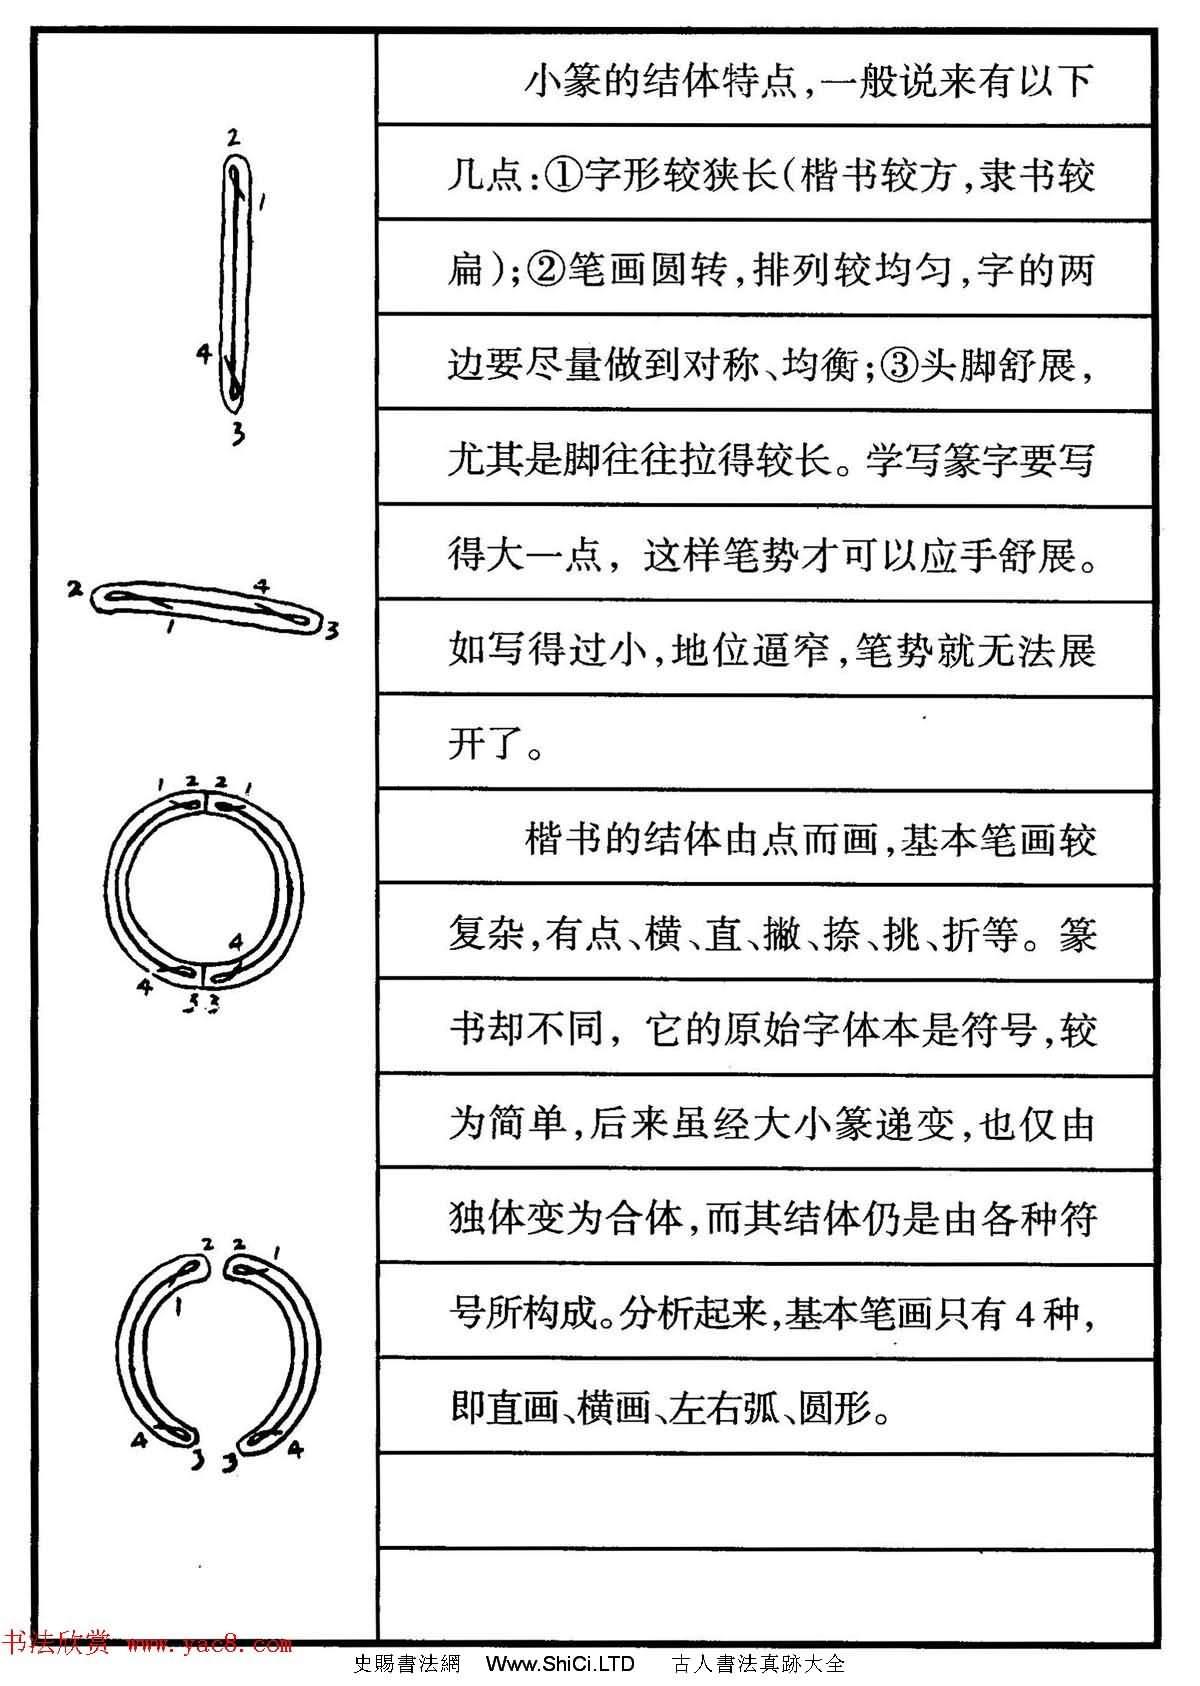 鋼筆書法教程 篆書基本點畫及結構特點(共5張圖片)